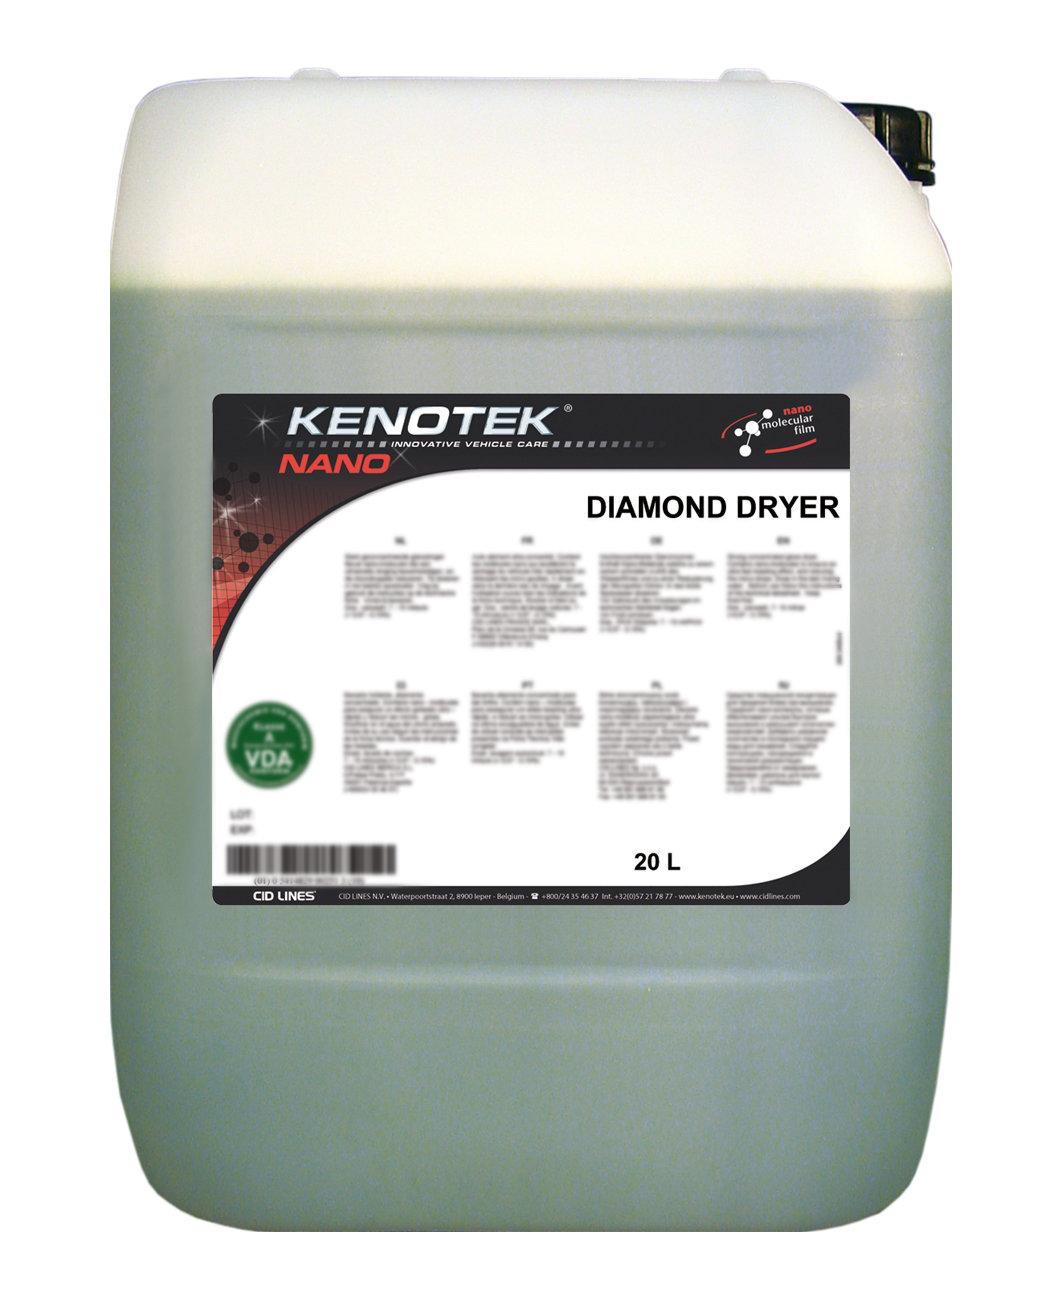 Kenotek Diamond Dryer, inhoud: 20 L